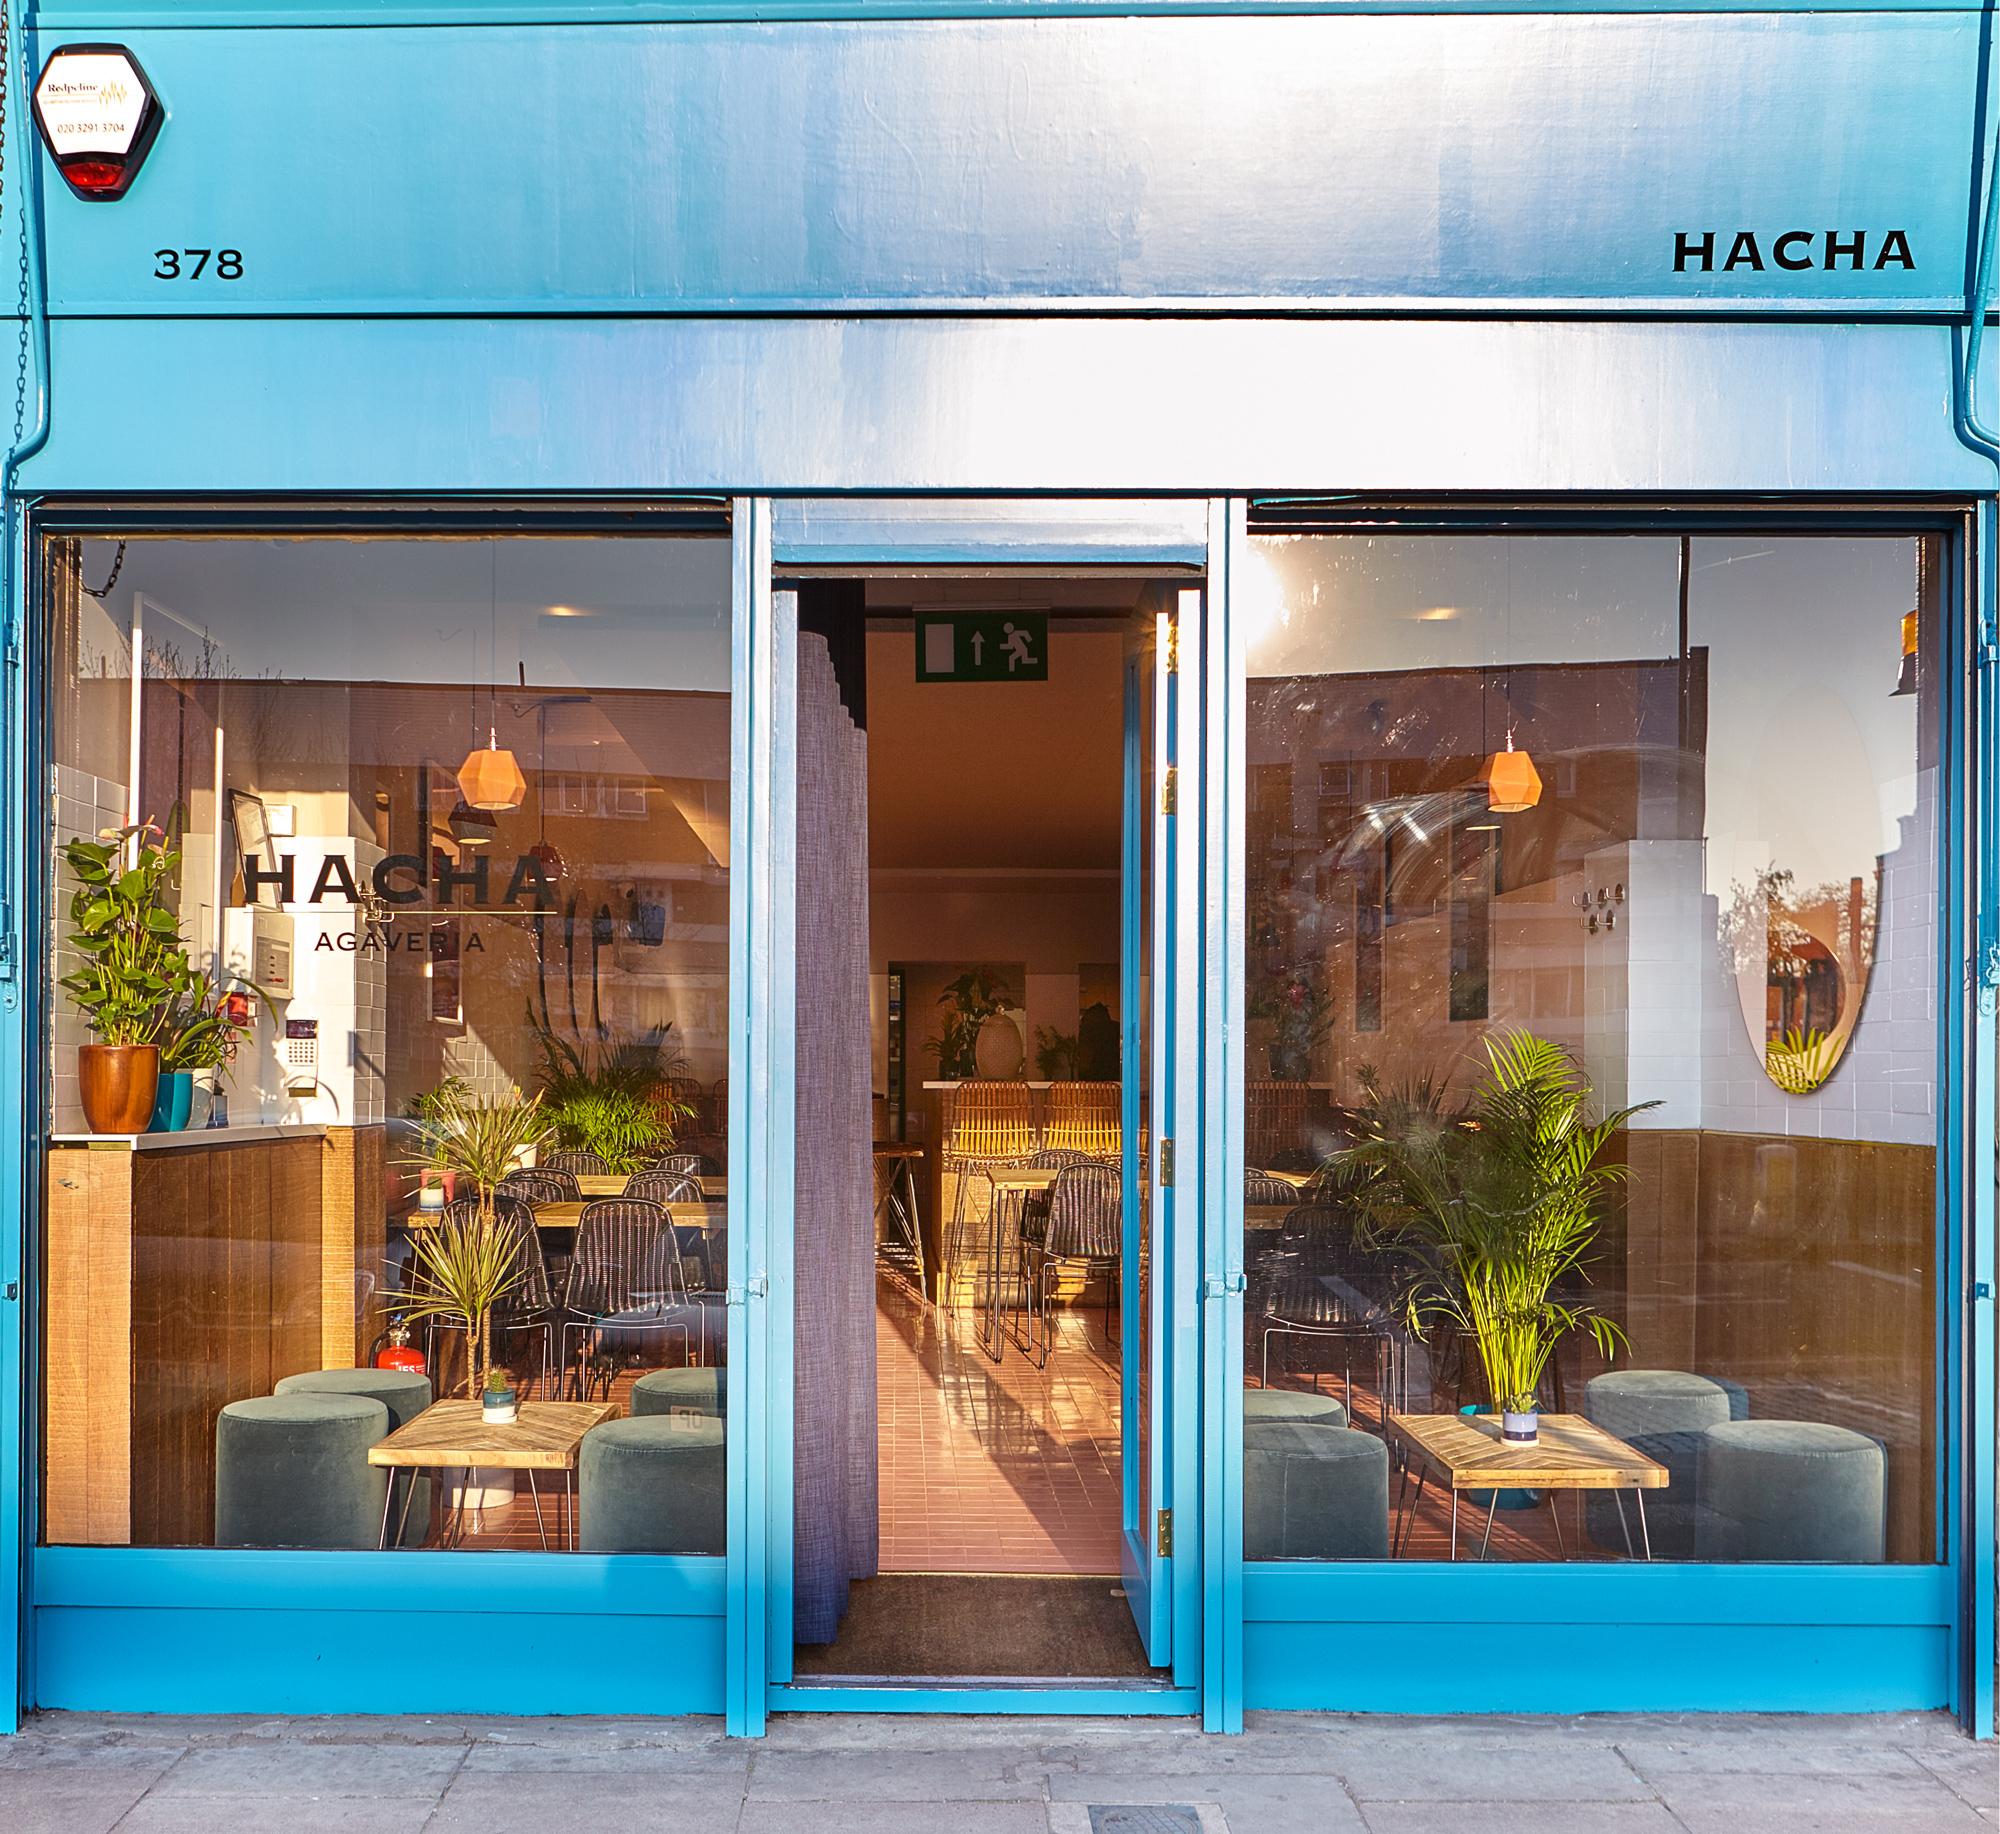 Hacha agave bar, Hacha agave, Hacha review, Hacha shoreditch, Hacha Kingsland Road